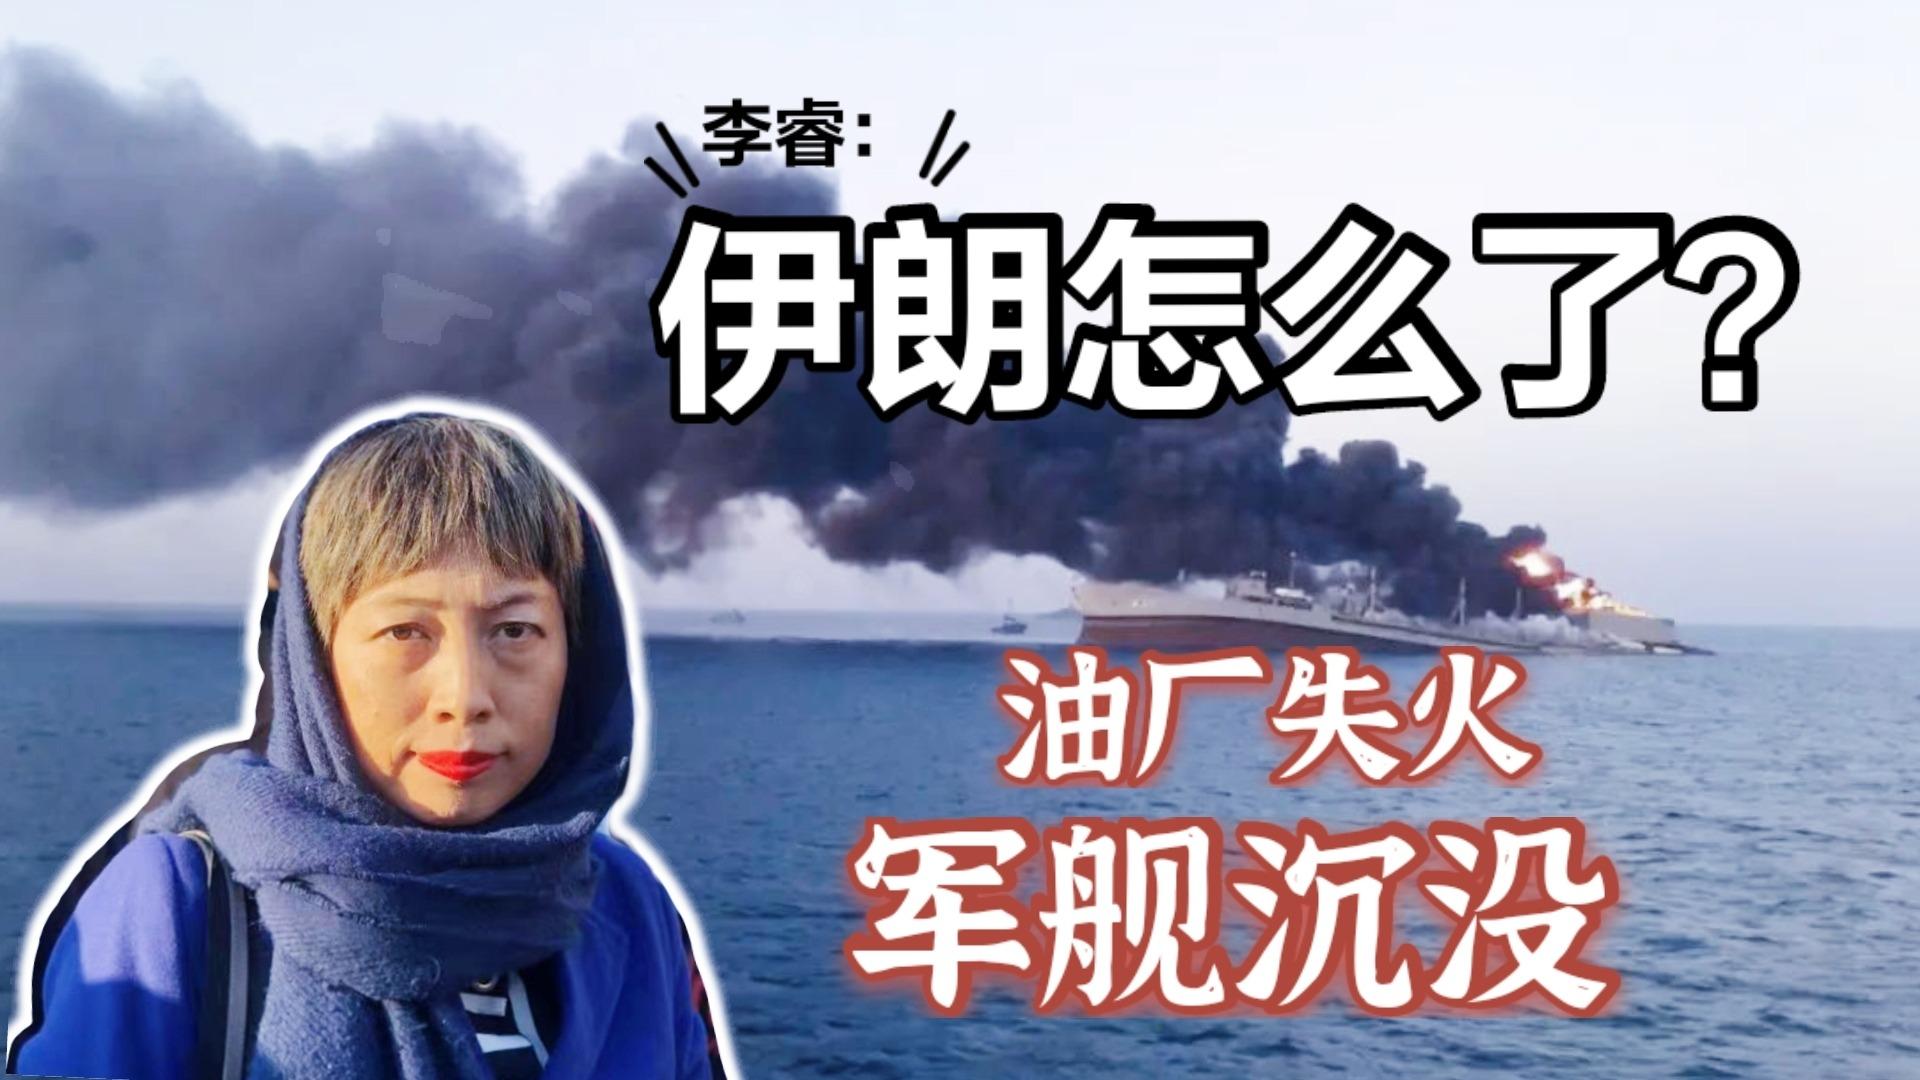 睿眼观伊朗 | 伊朗最大军舰离奇沉没 同日油厂失火 或有以色列特工在搅局?